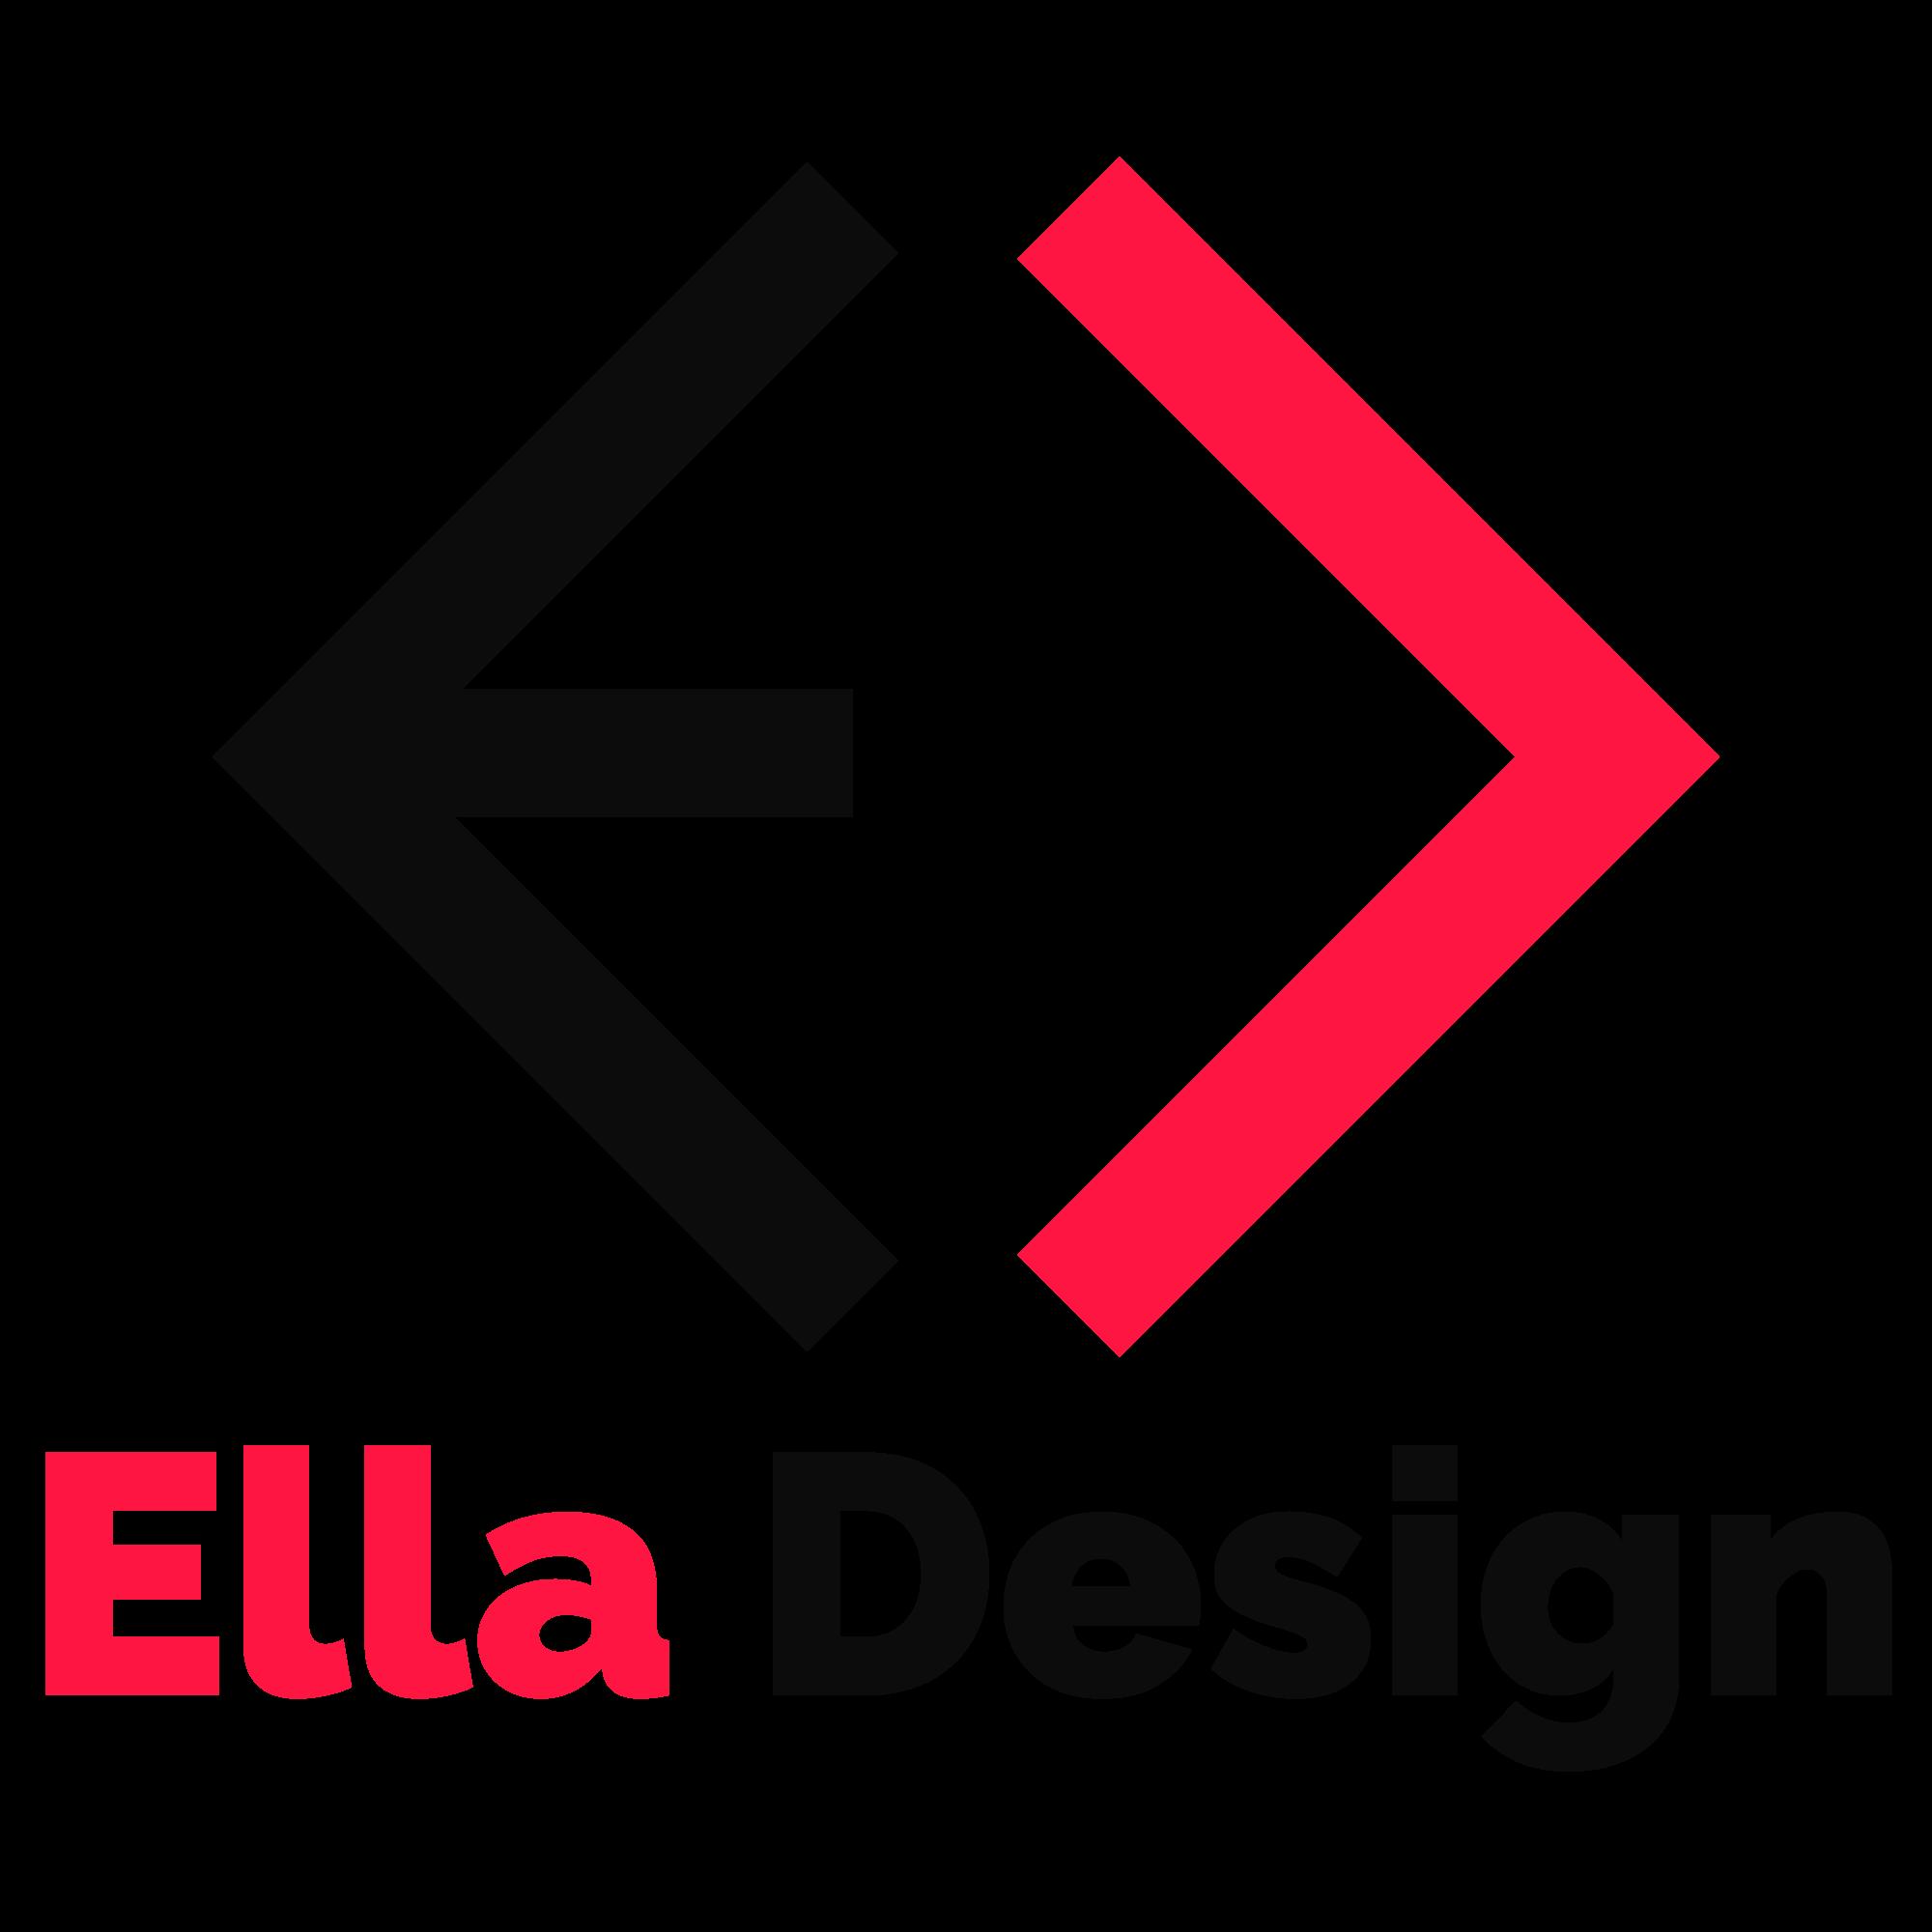 ella-design